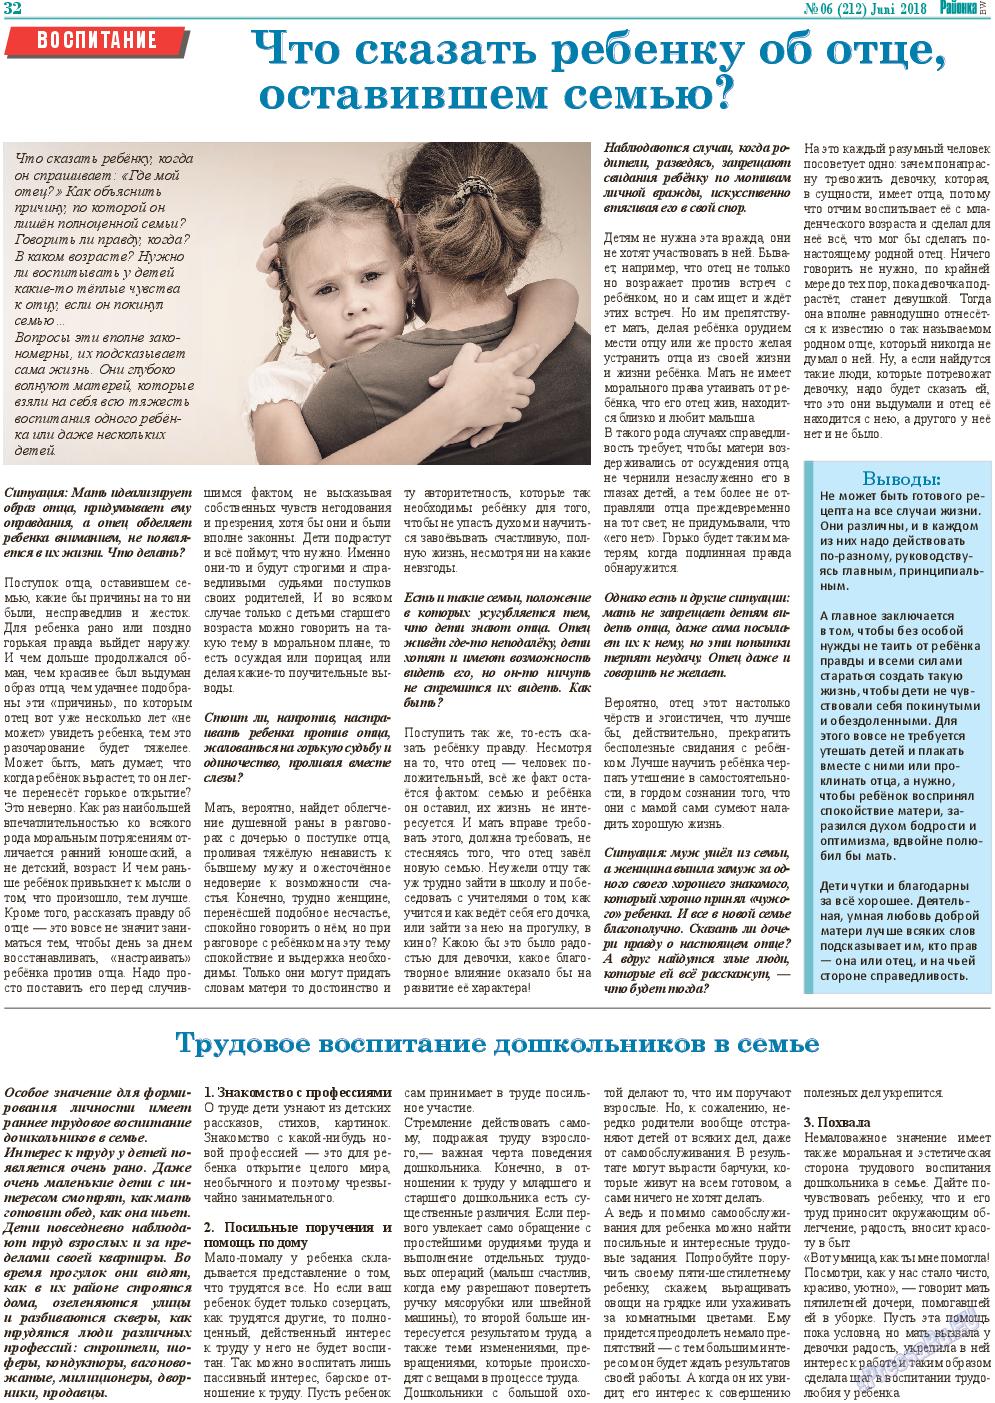 Районка-West (газета). 2018 год, номер 6, стр. 32